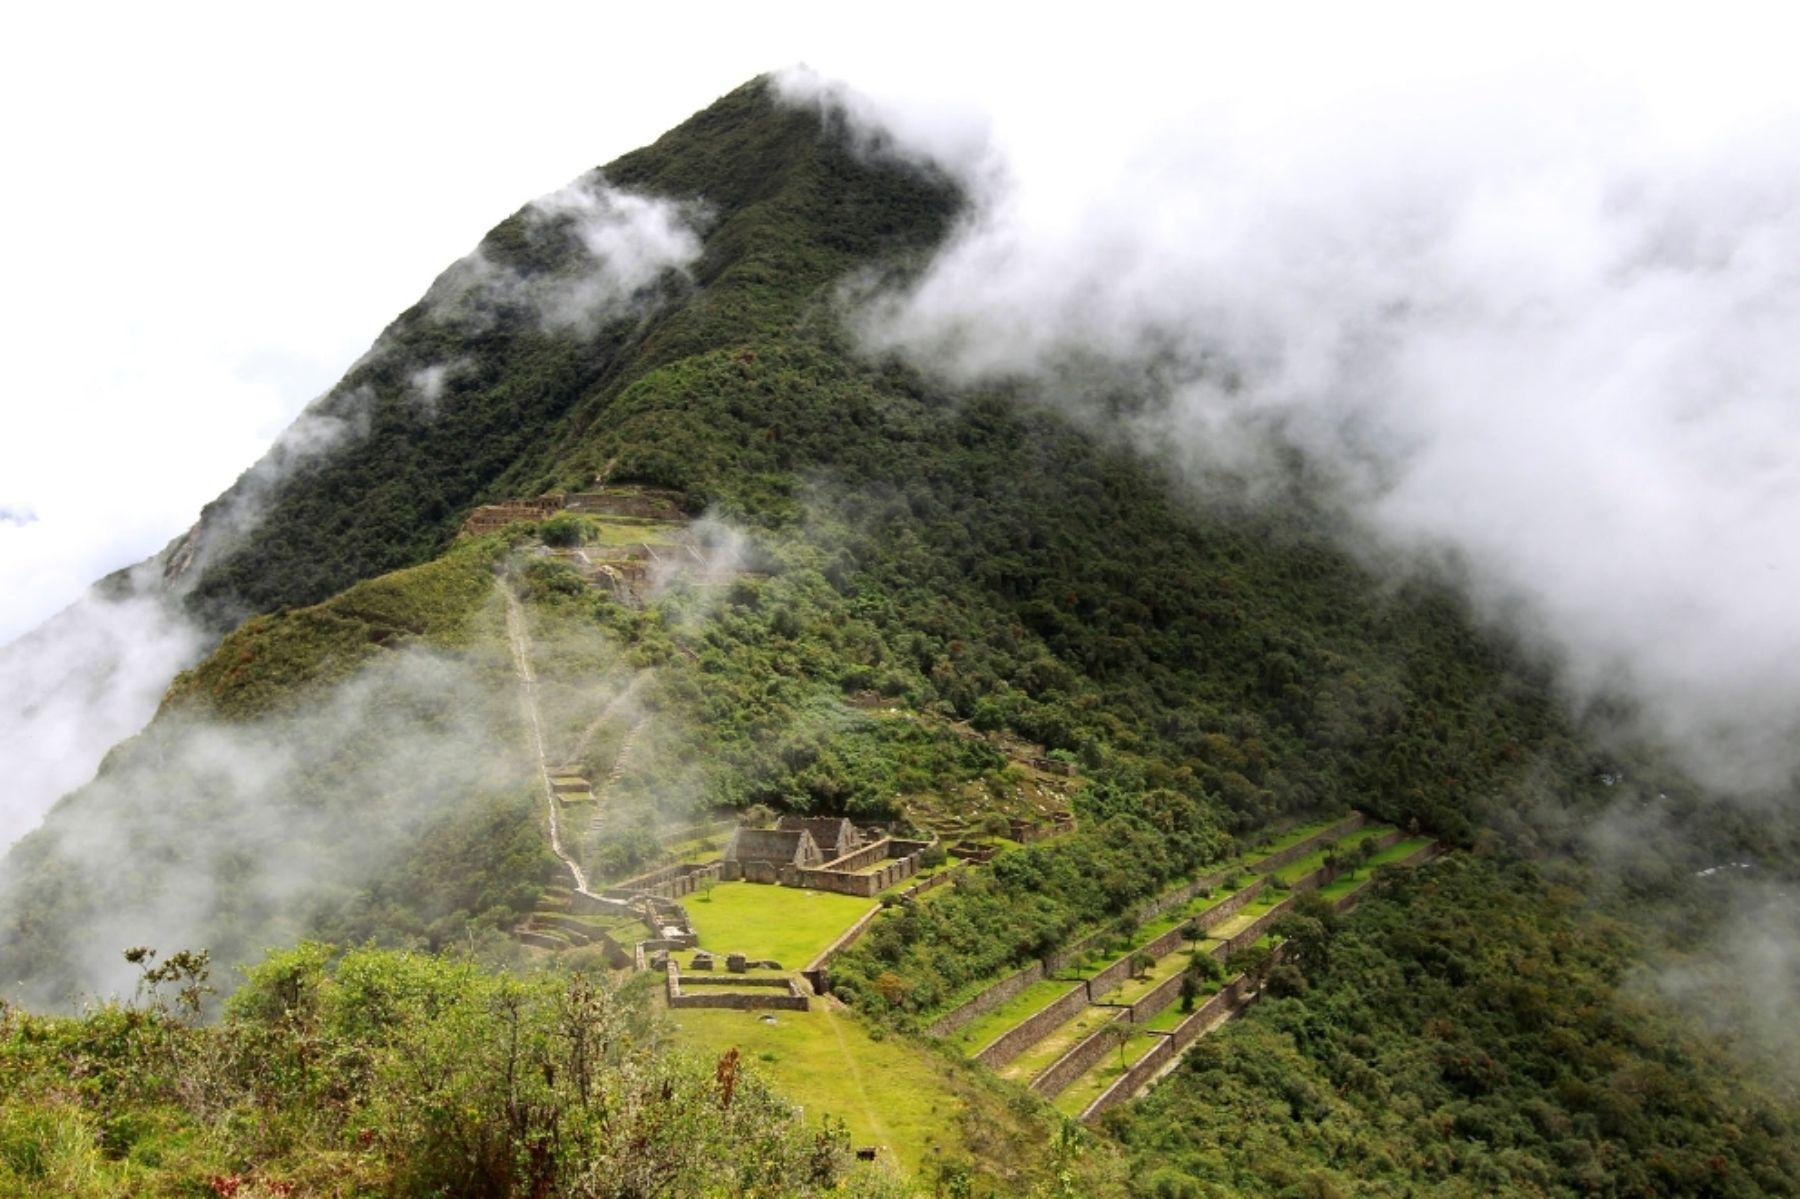 El entorno de Choquequirao es uno de los más ricos en biodiversidad, cuenta con un gran número de especies de plantas y animales.